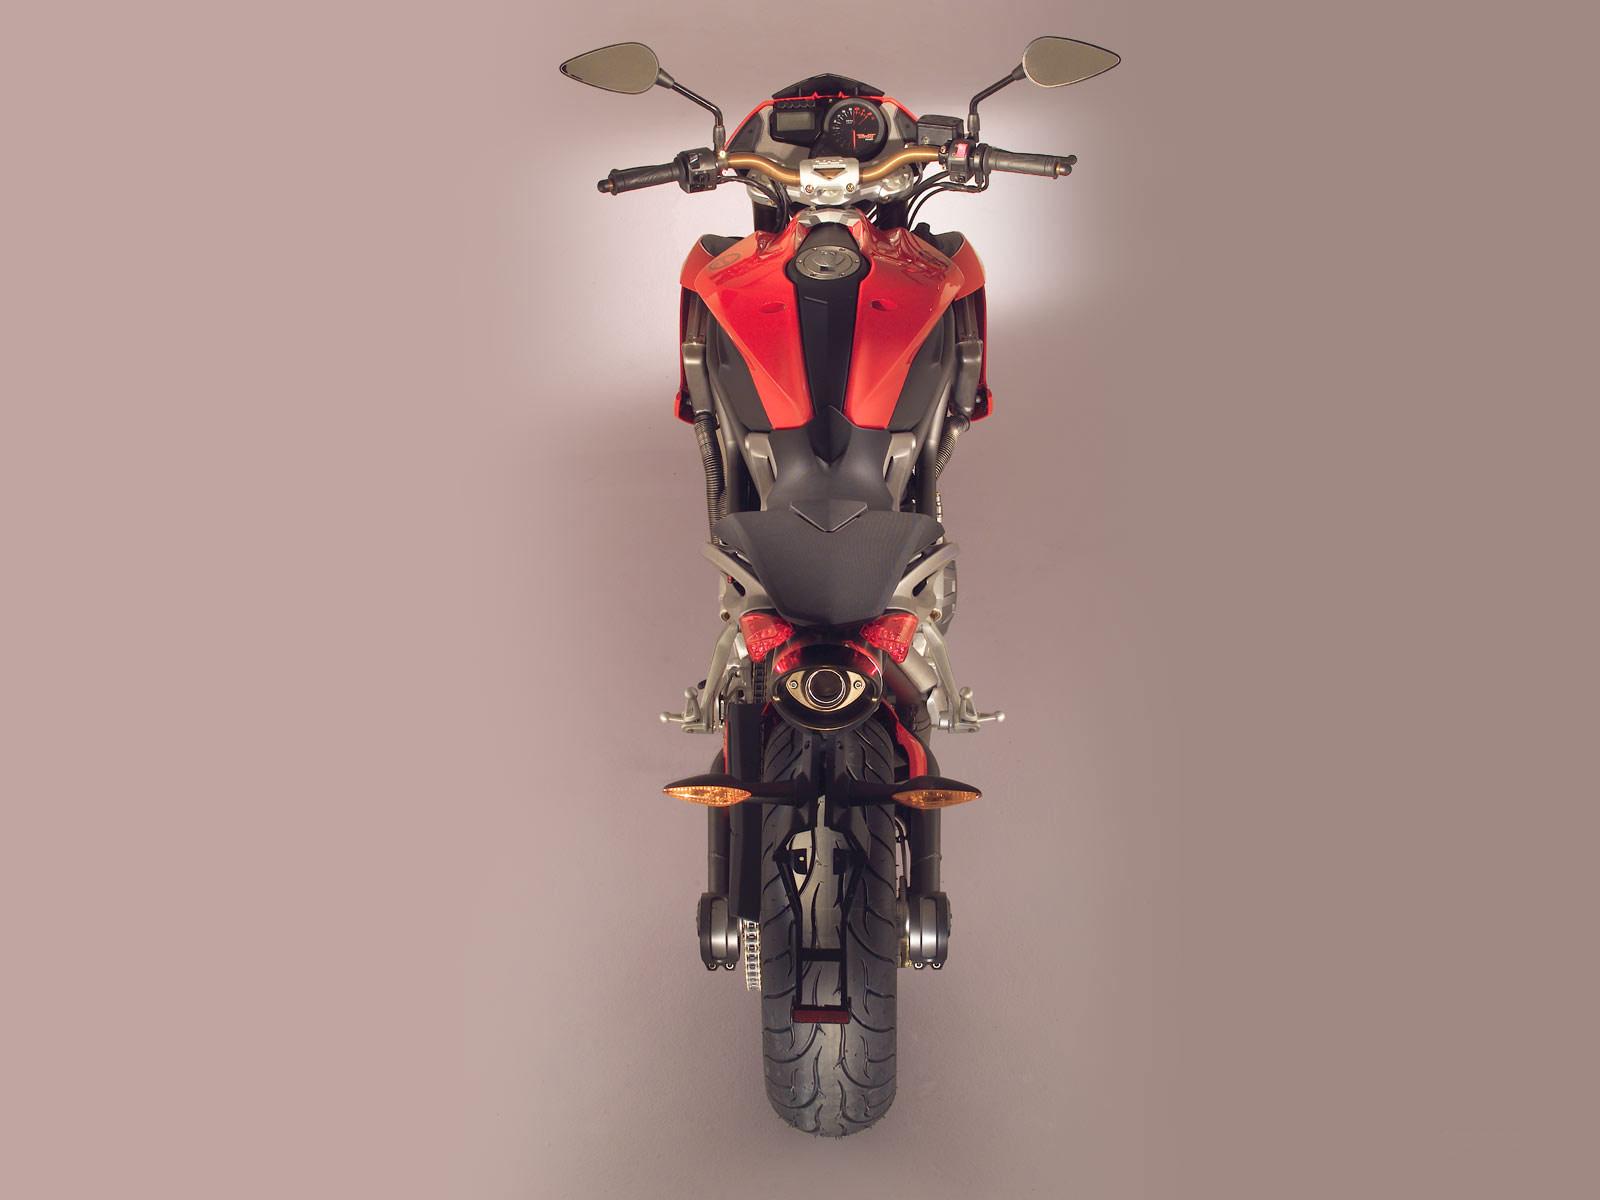 http://1.bp.blogspot.com/-knXk43xEzBE/Tr28xuxhz7I/AAAAAAAADwo/JWMmEAiSKdk/s1600/2005_Benelli-TNT-1130_motorcycle-desktop-wallpaper_04.jpg